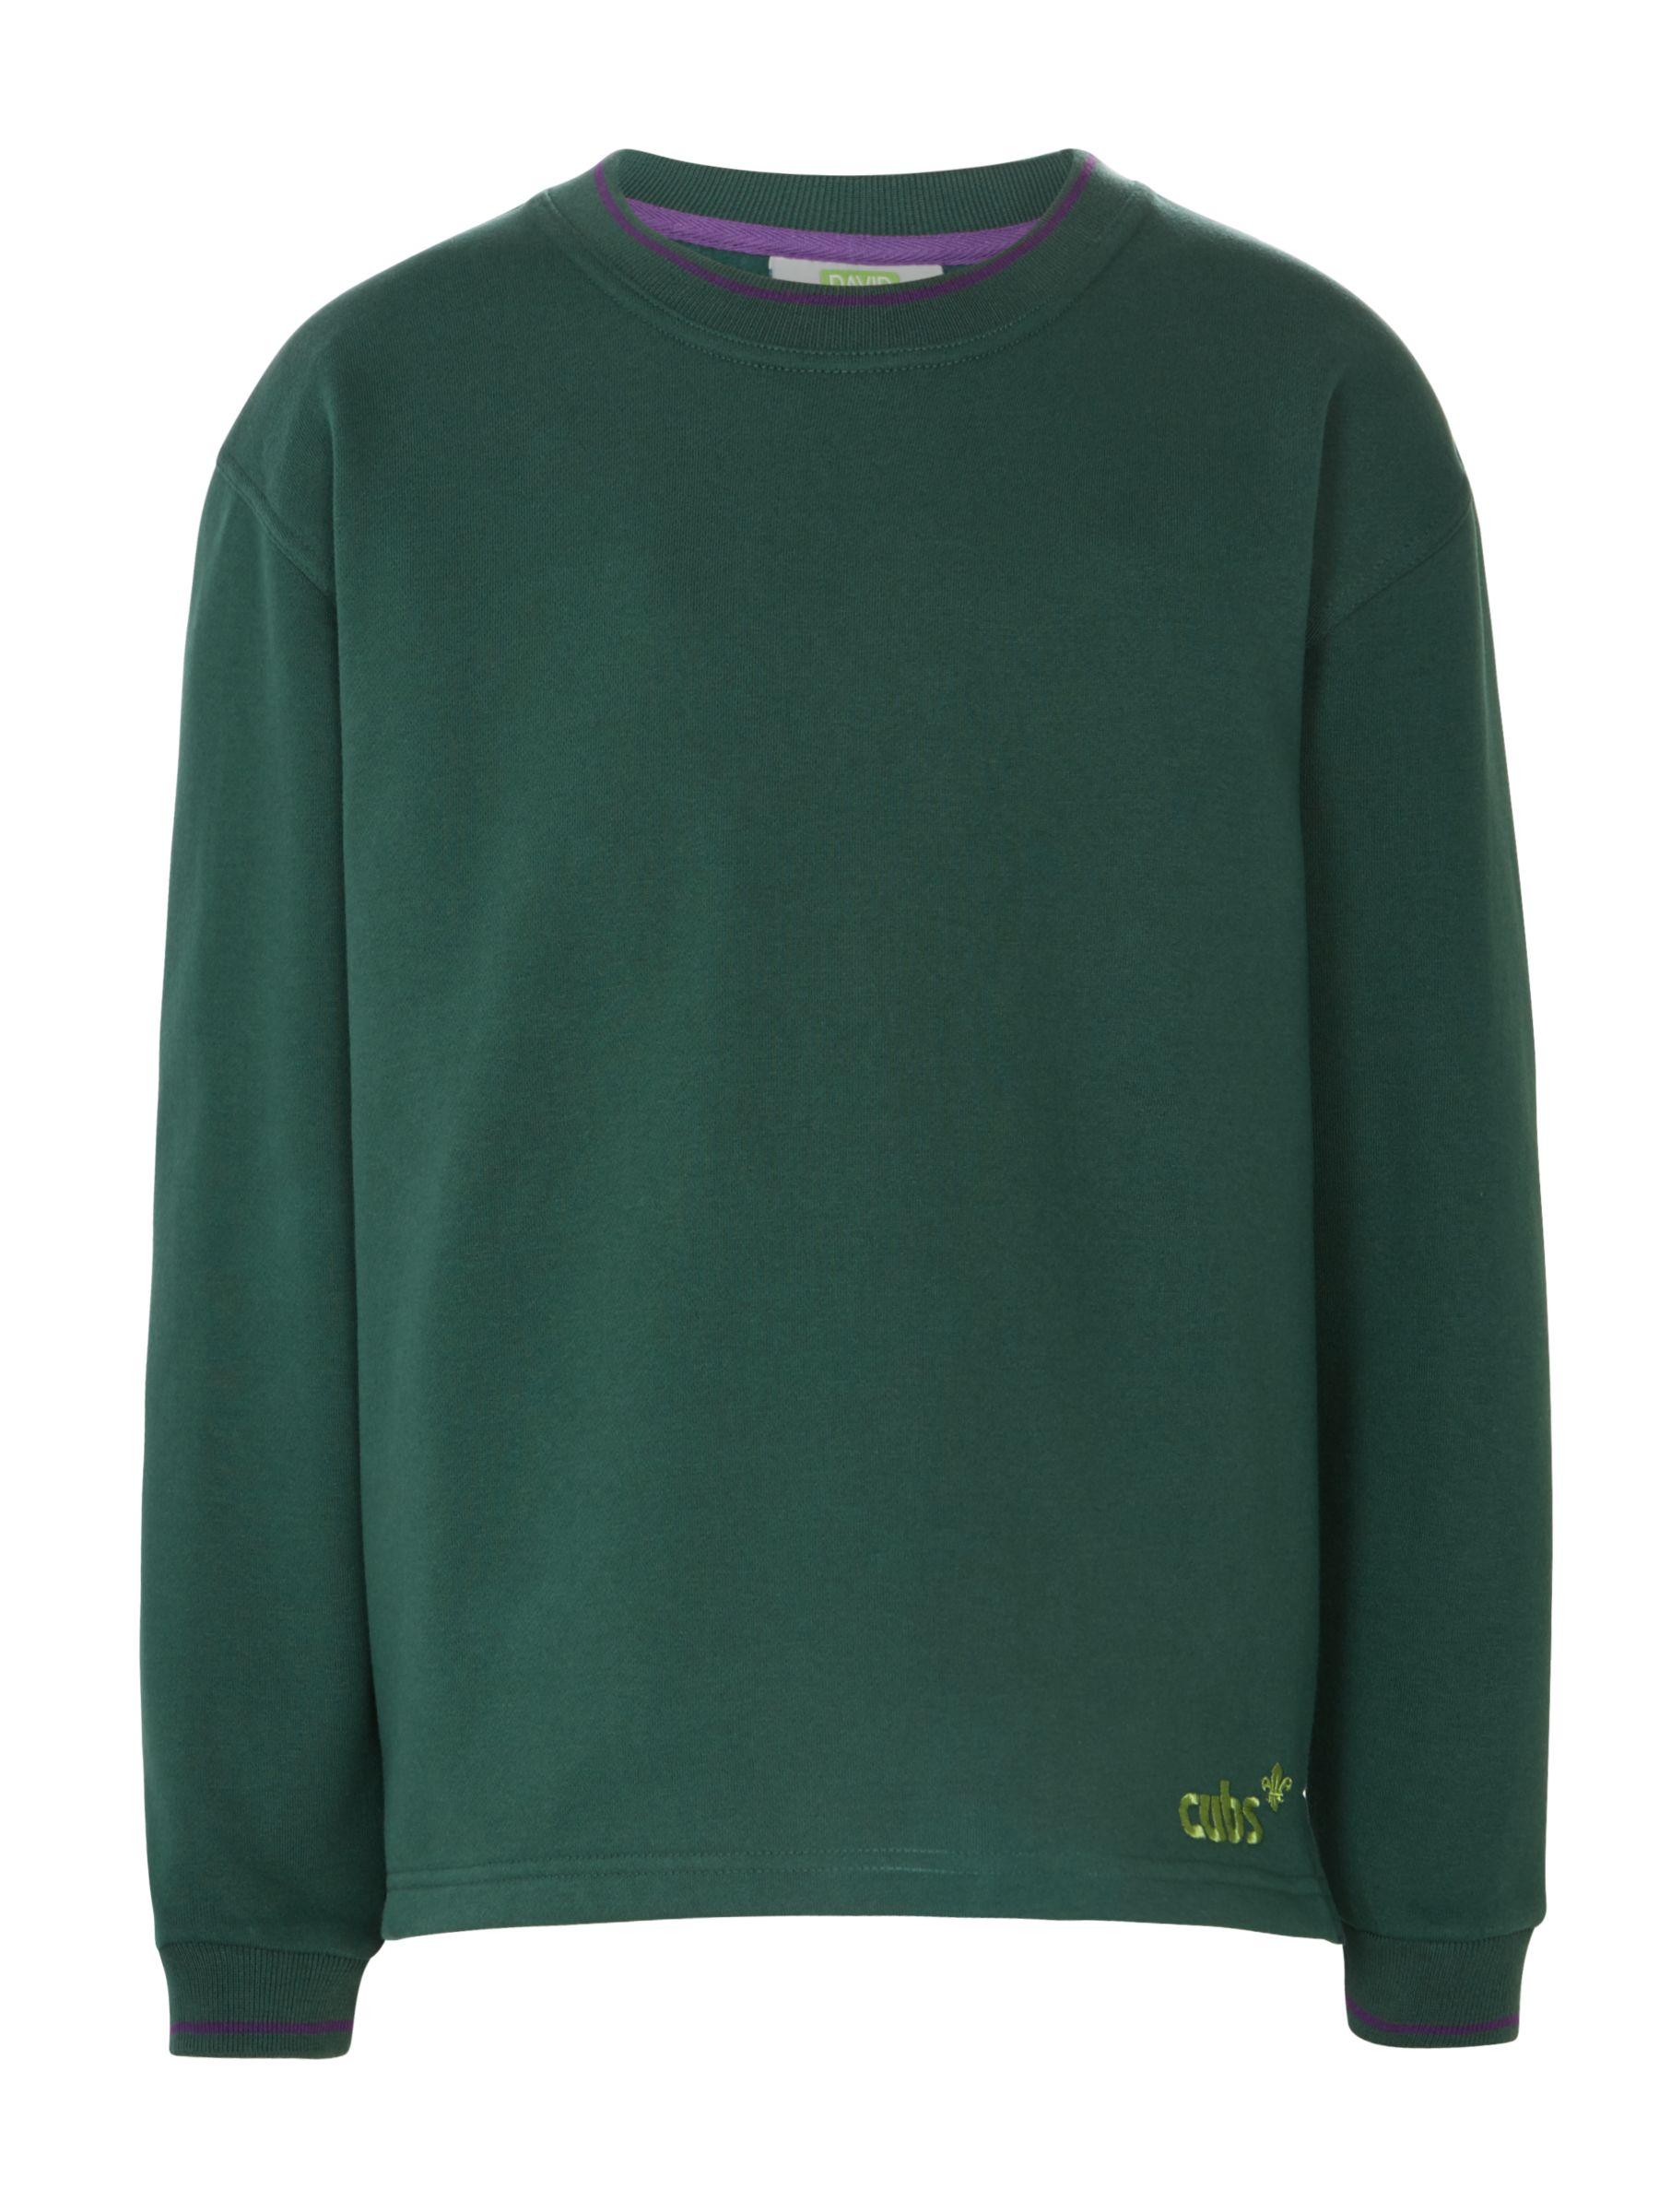 Cubs Cubs Long Sleeve Sweatshirt, Green